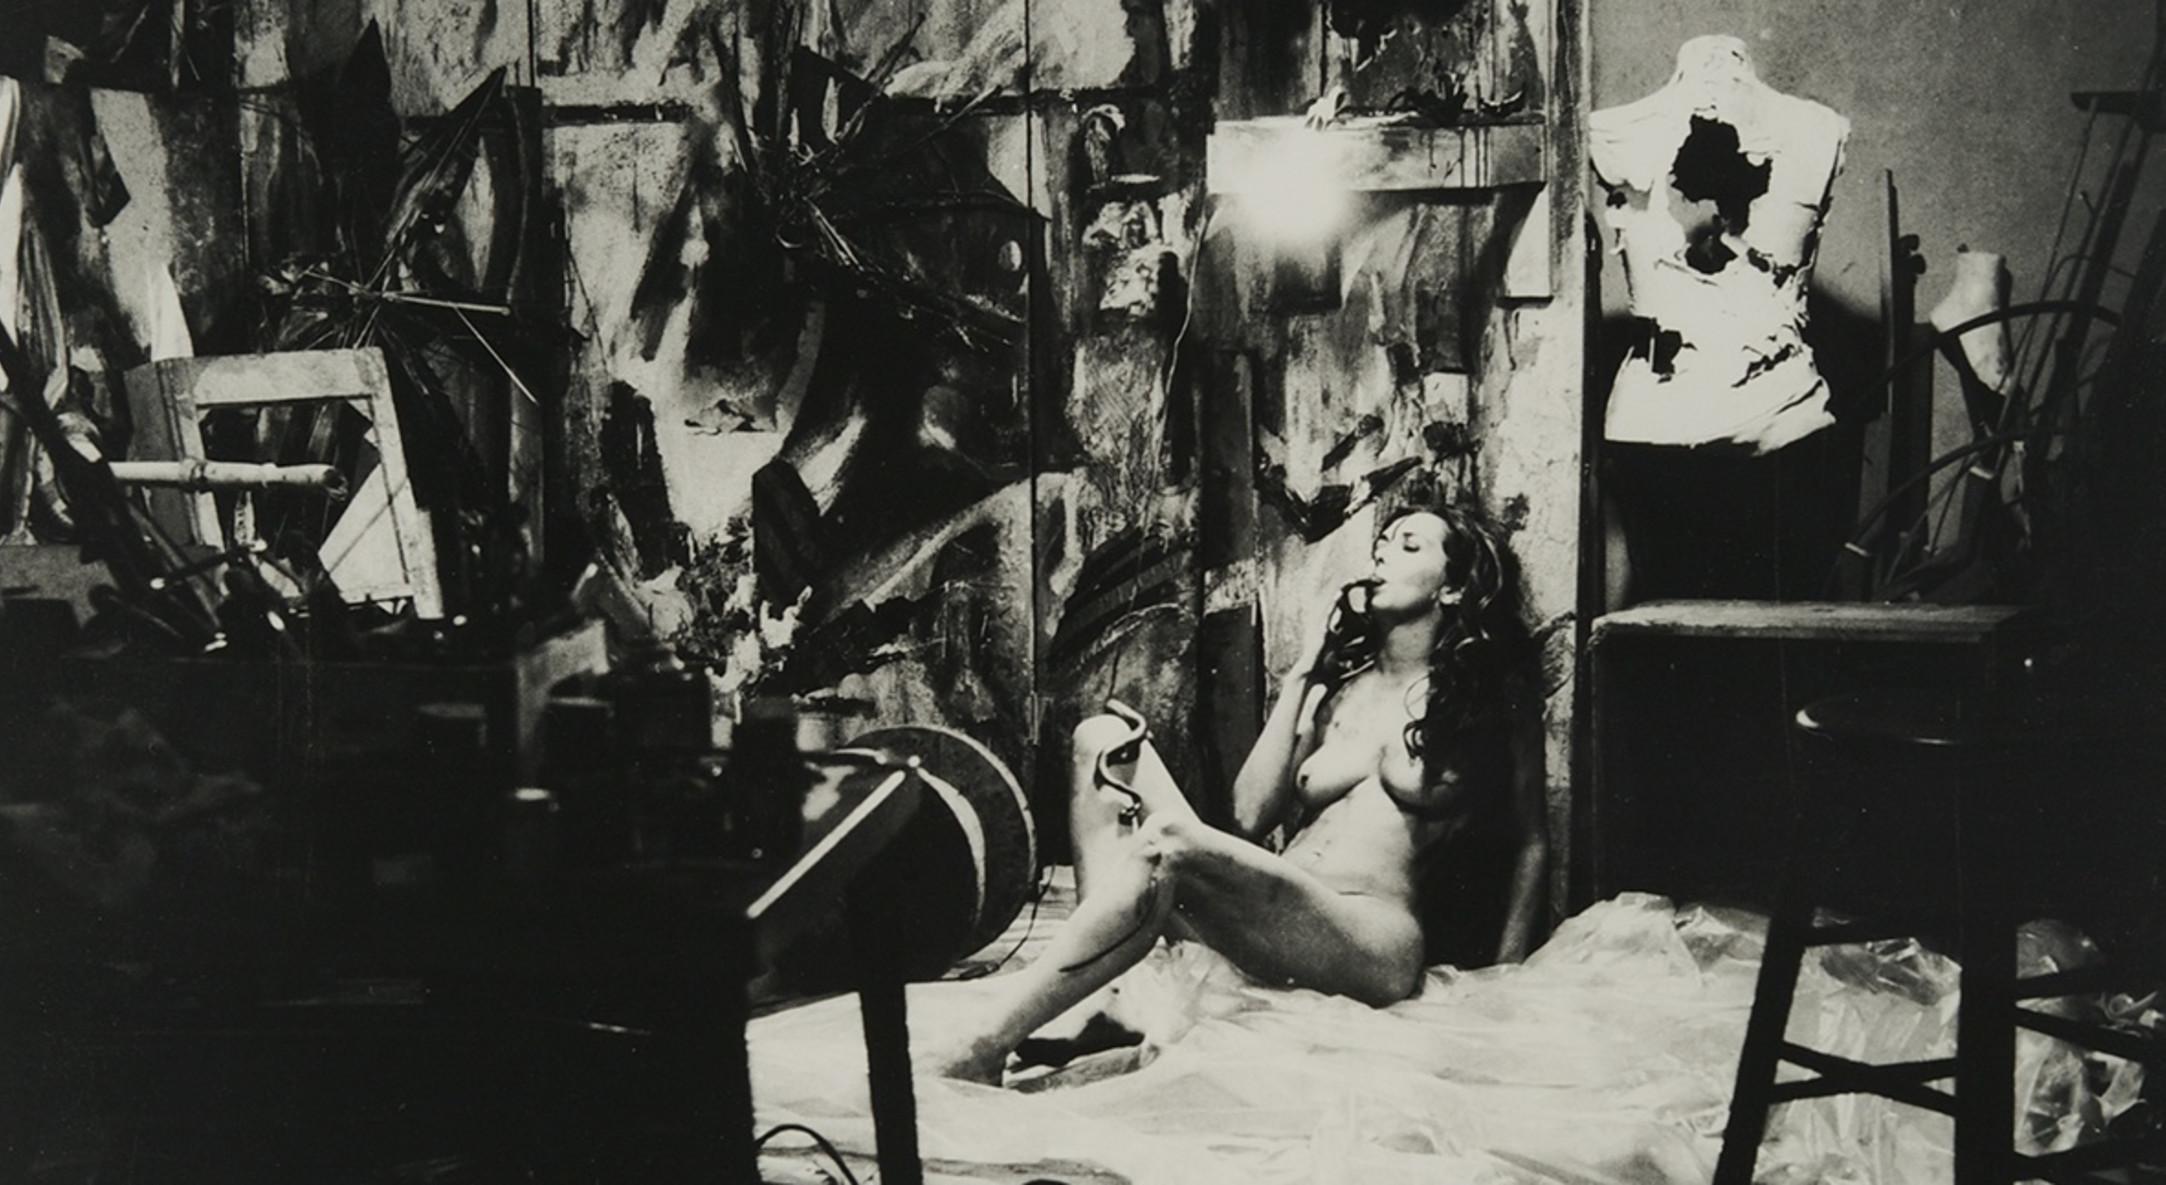 Detail of Carolee Schneemann, Eye Body #2, 1963/2005, gelatin silver print, 60.96 x 50.8 cm, 24 x 20 in